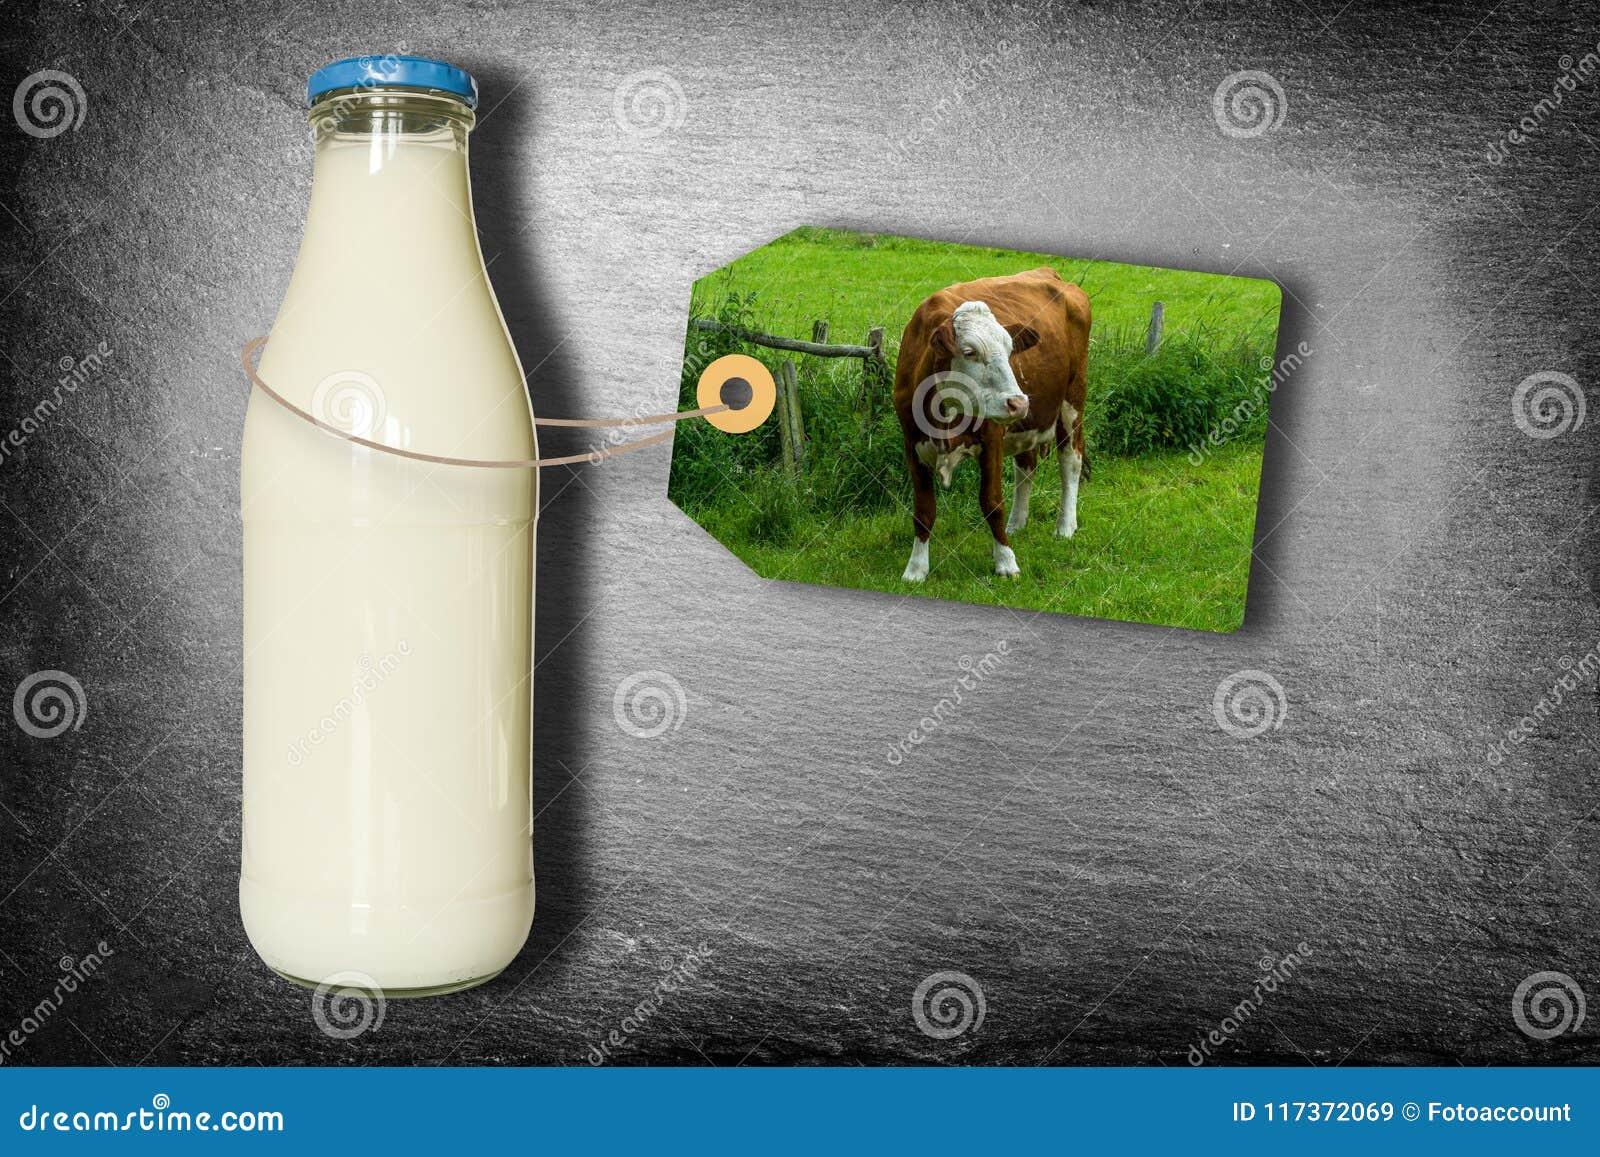 Botella de leche con la etiqueta - vaca lechera en prado - aislada en pizarra